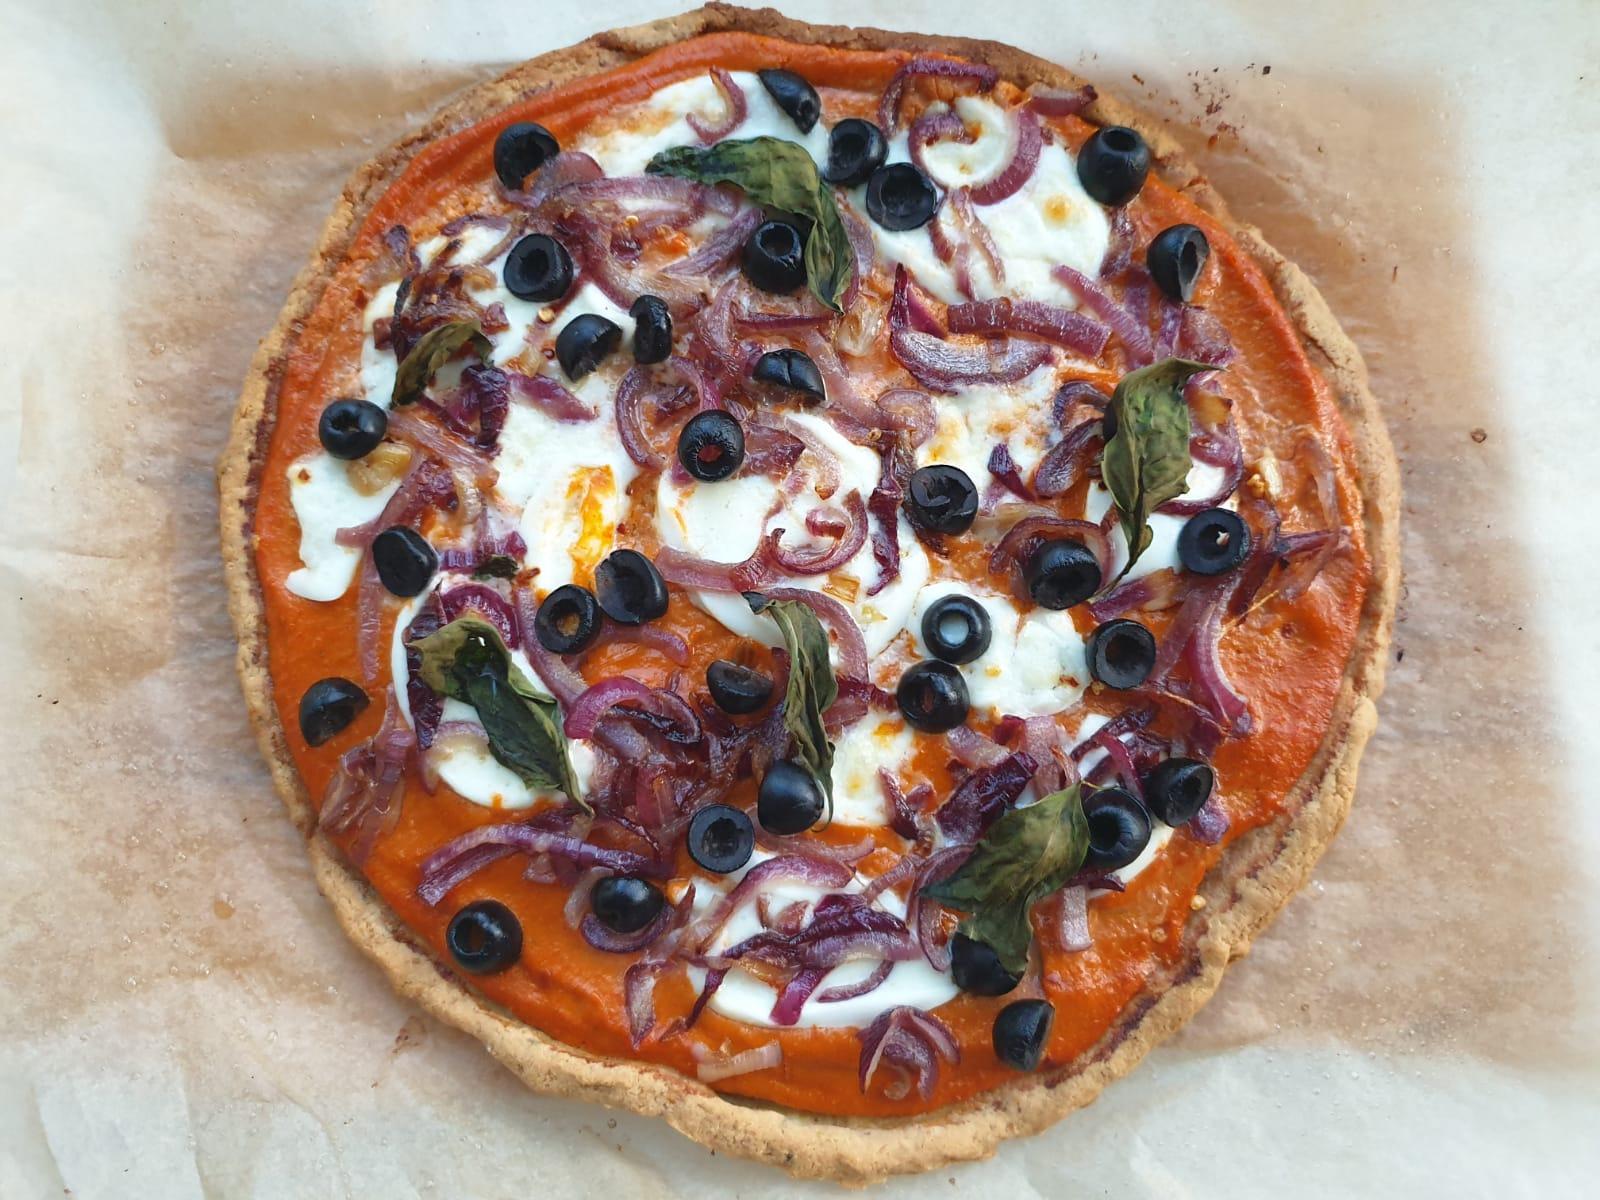 Gluten free + grain free pizza